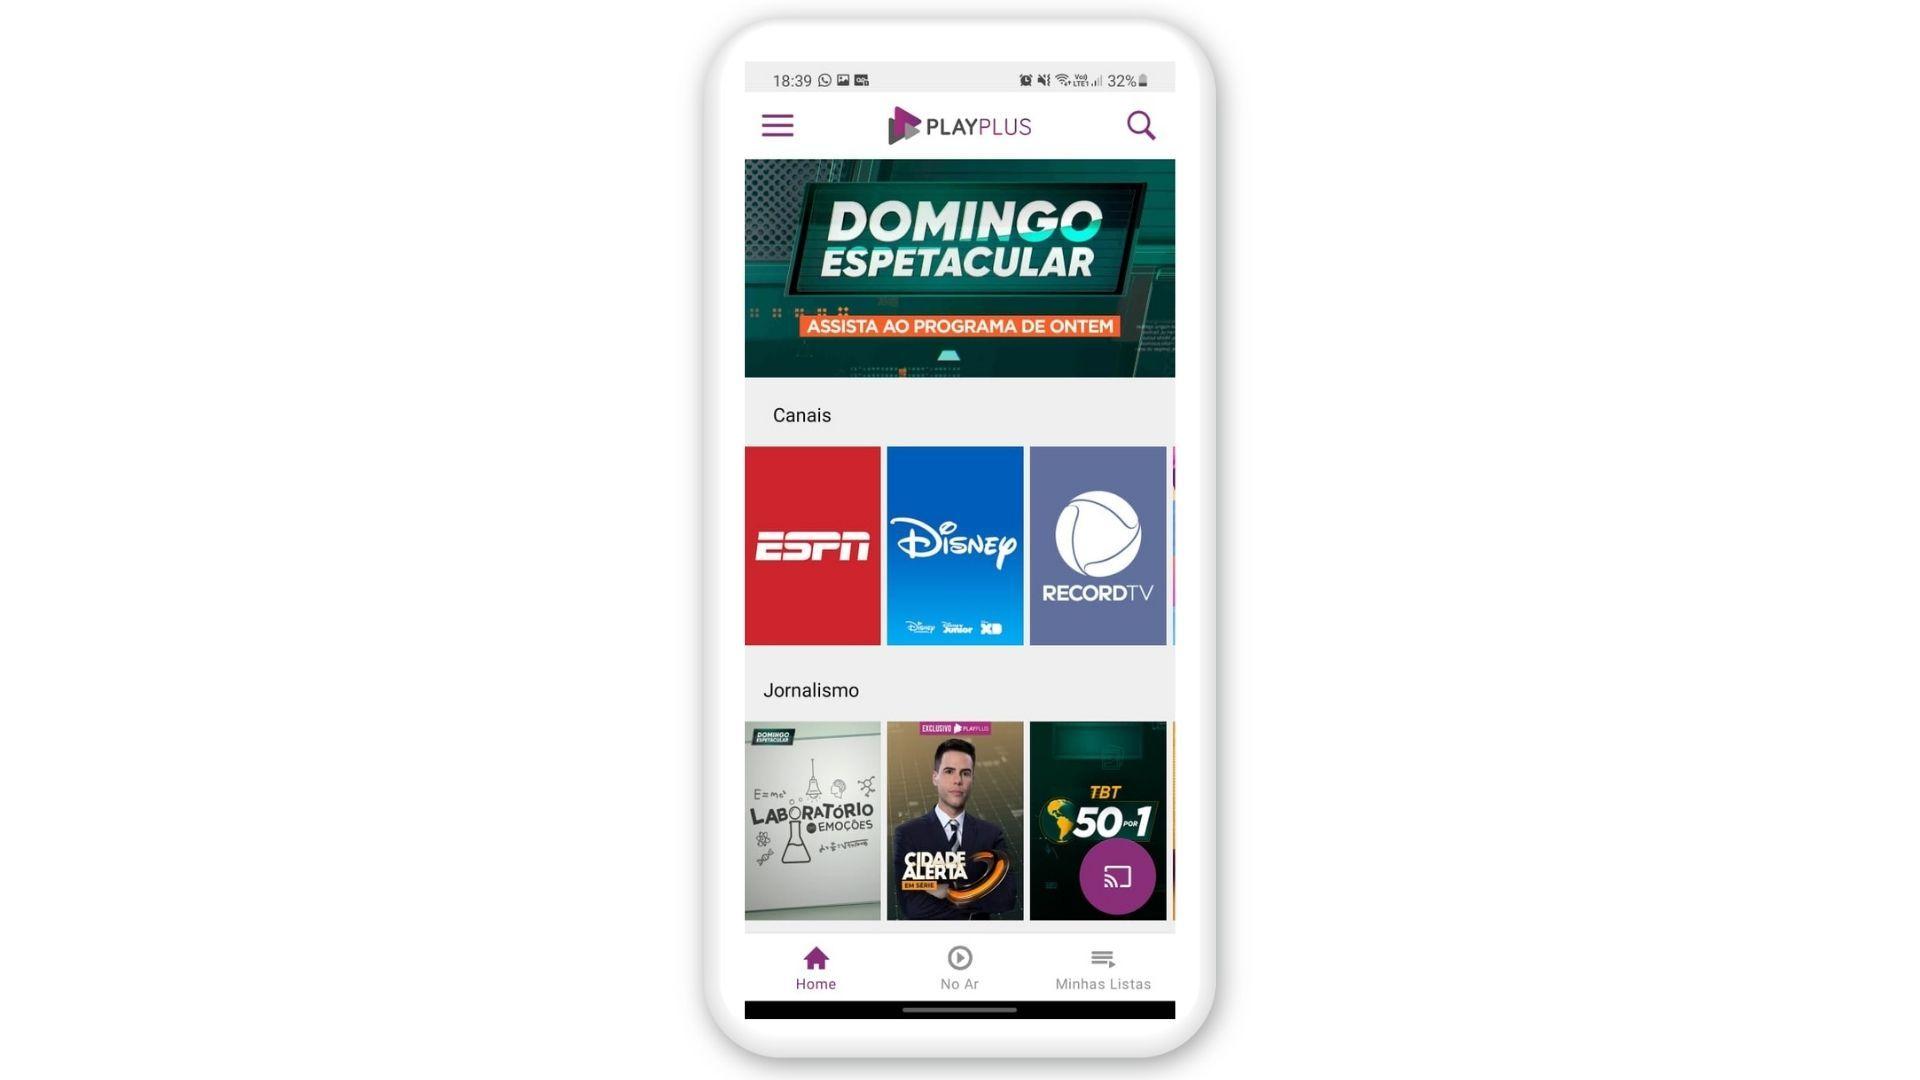 Print de tela do PlayPlus, um aplicativo para assistir TV no celular